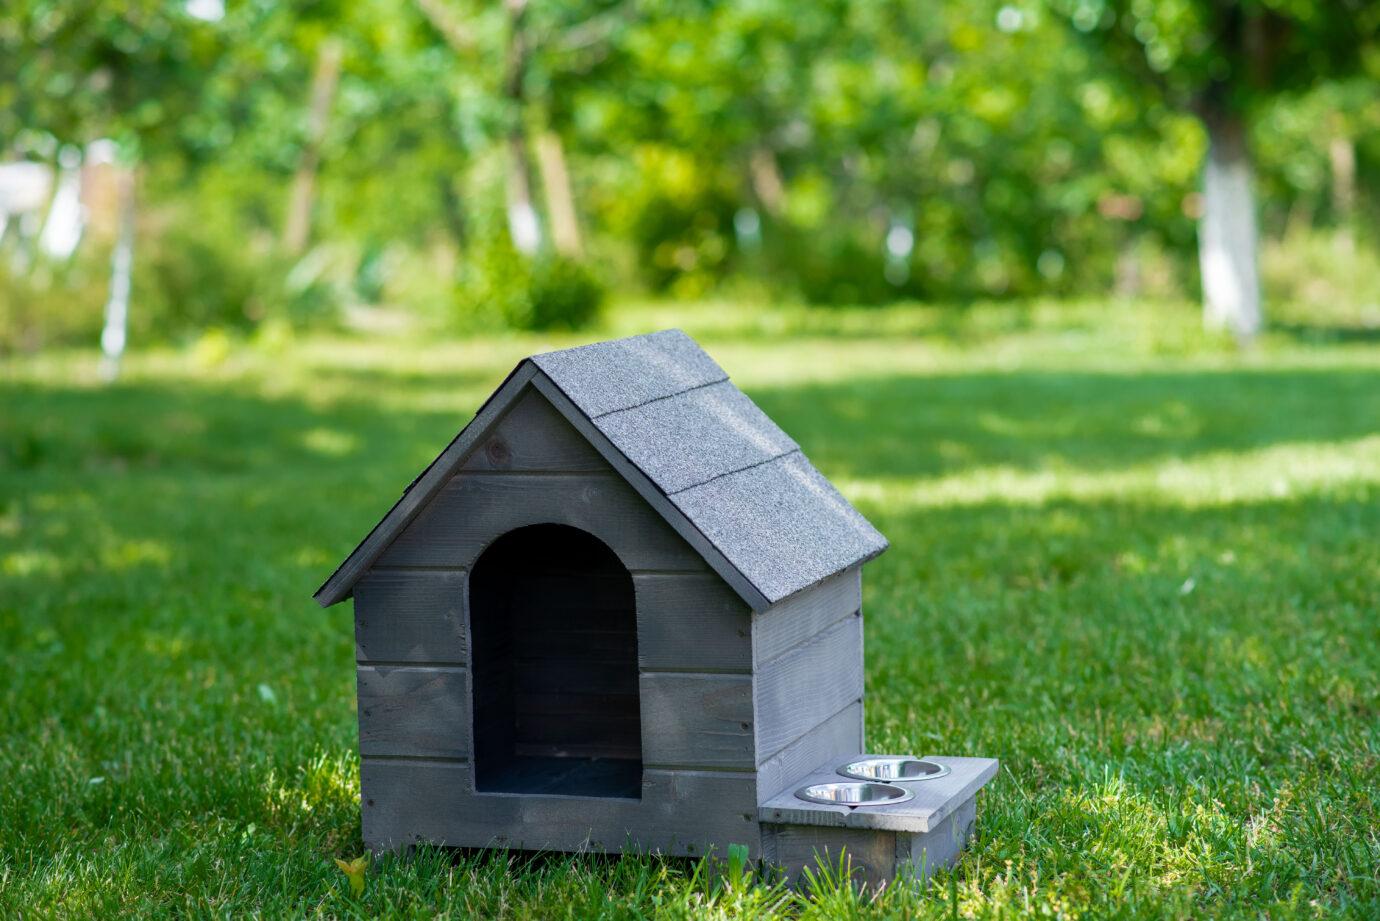 Къща за кучета - Като в приказките - Винтидж